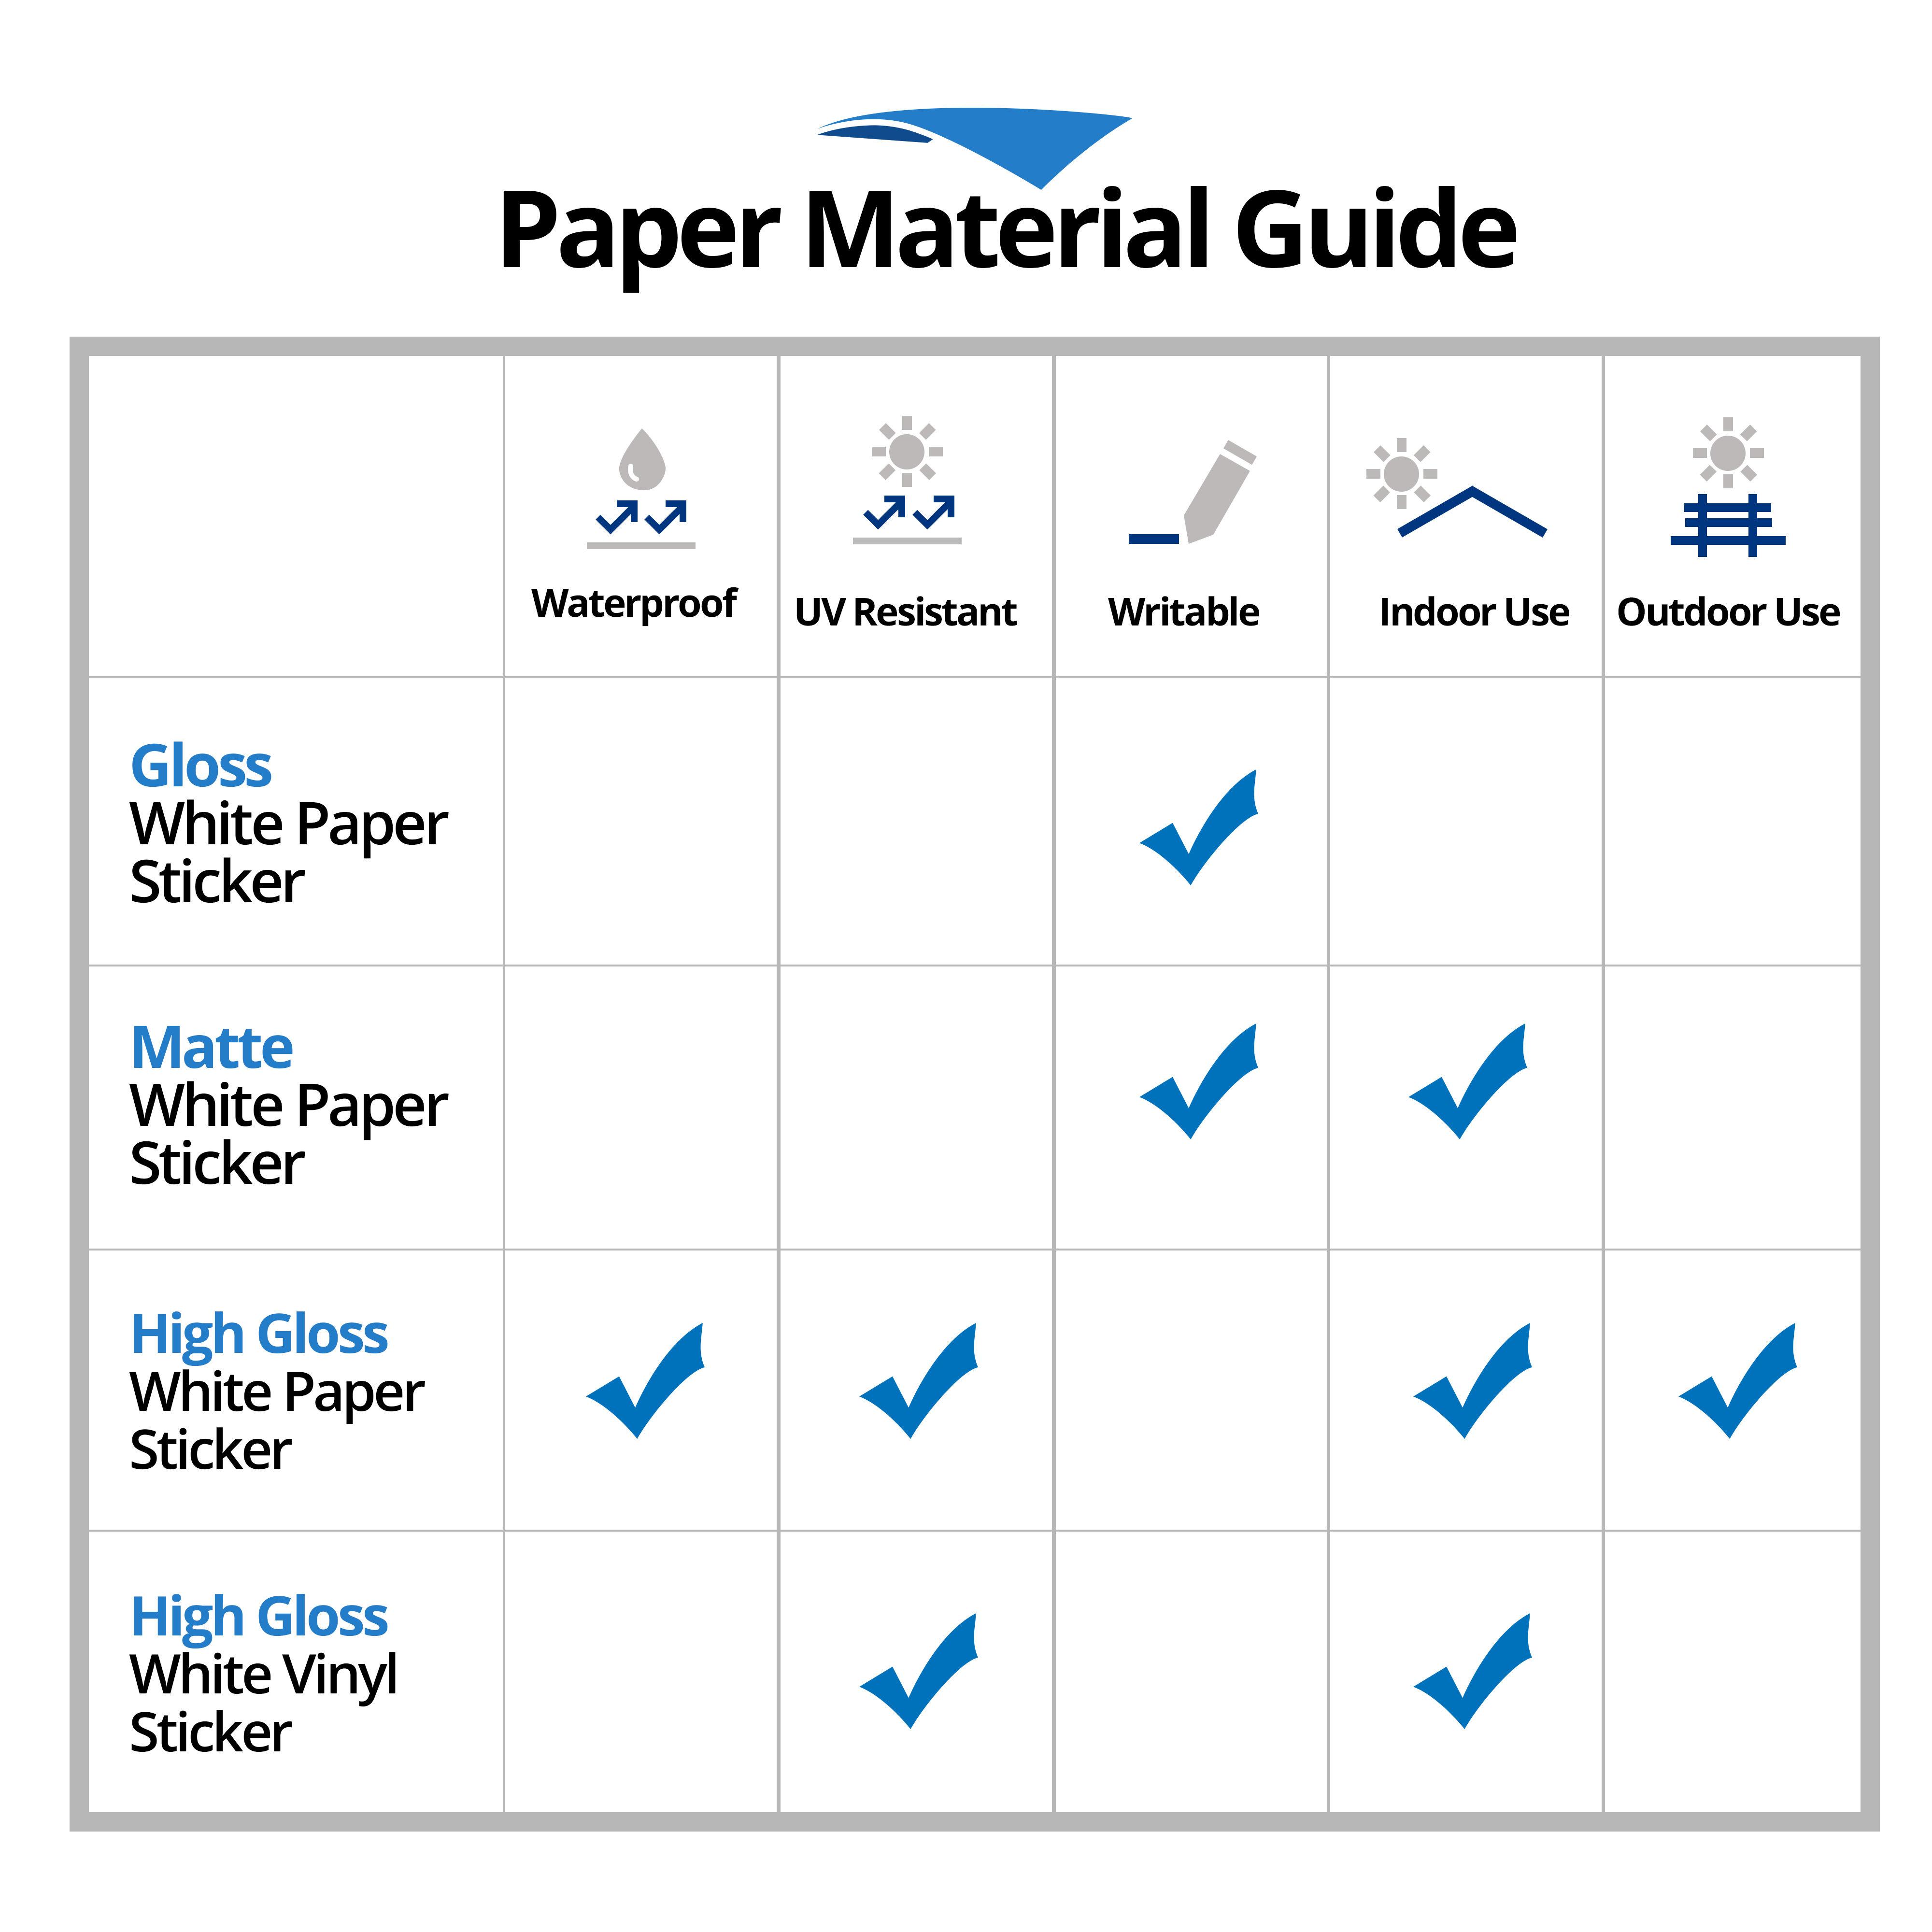 Paper Material Guide